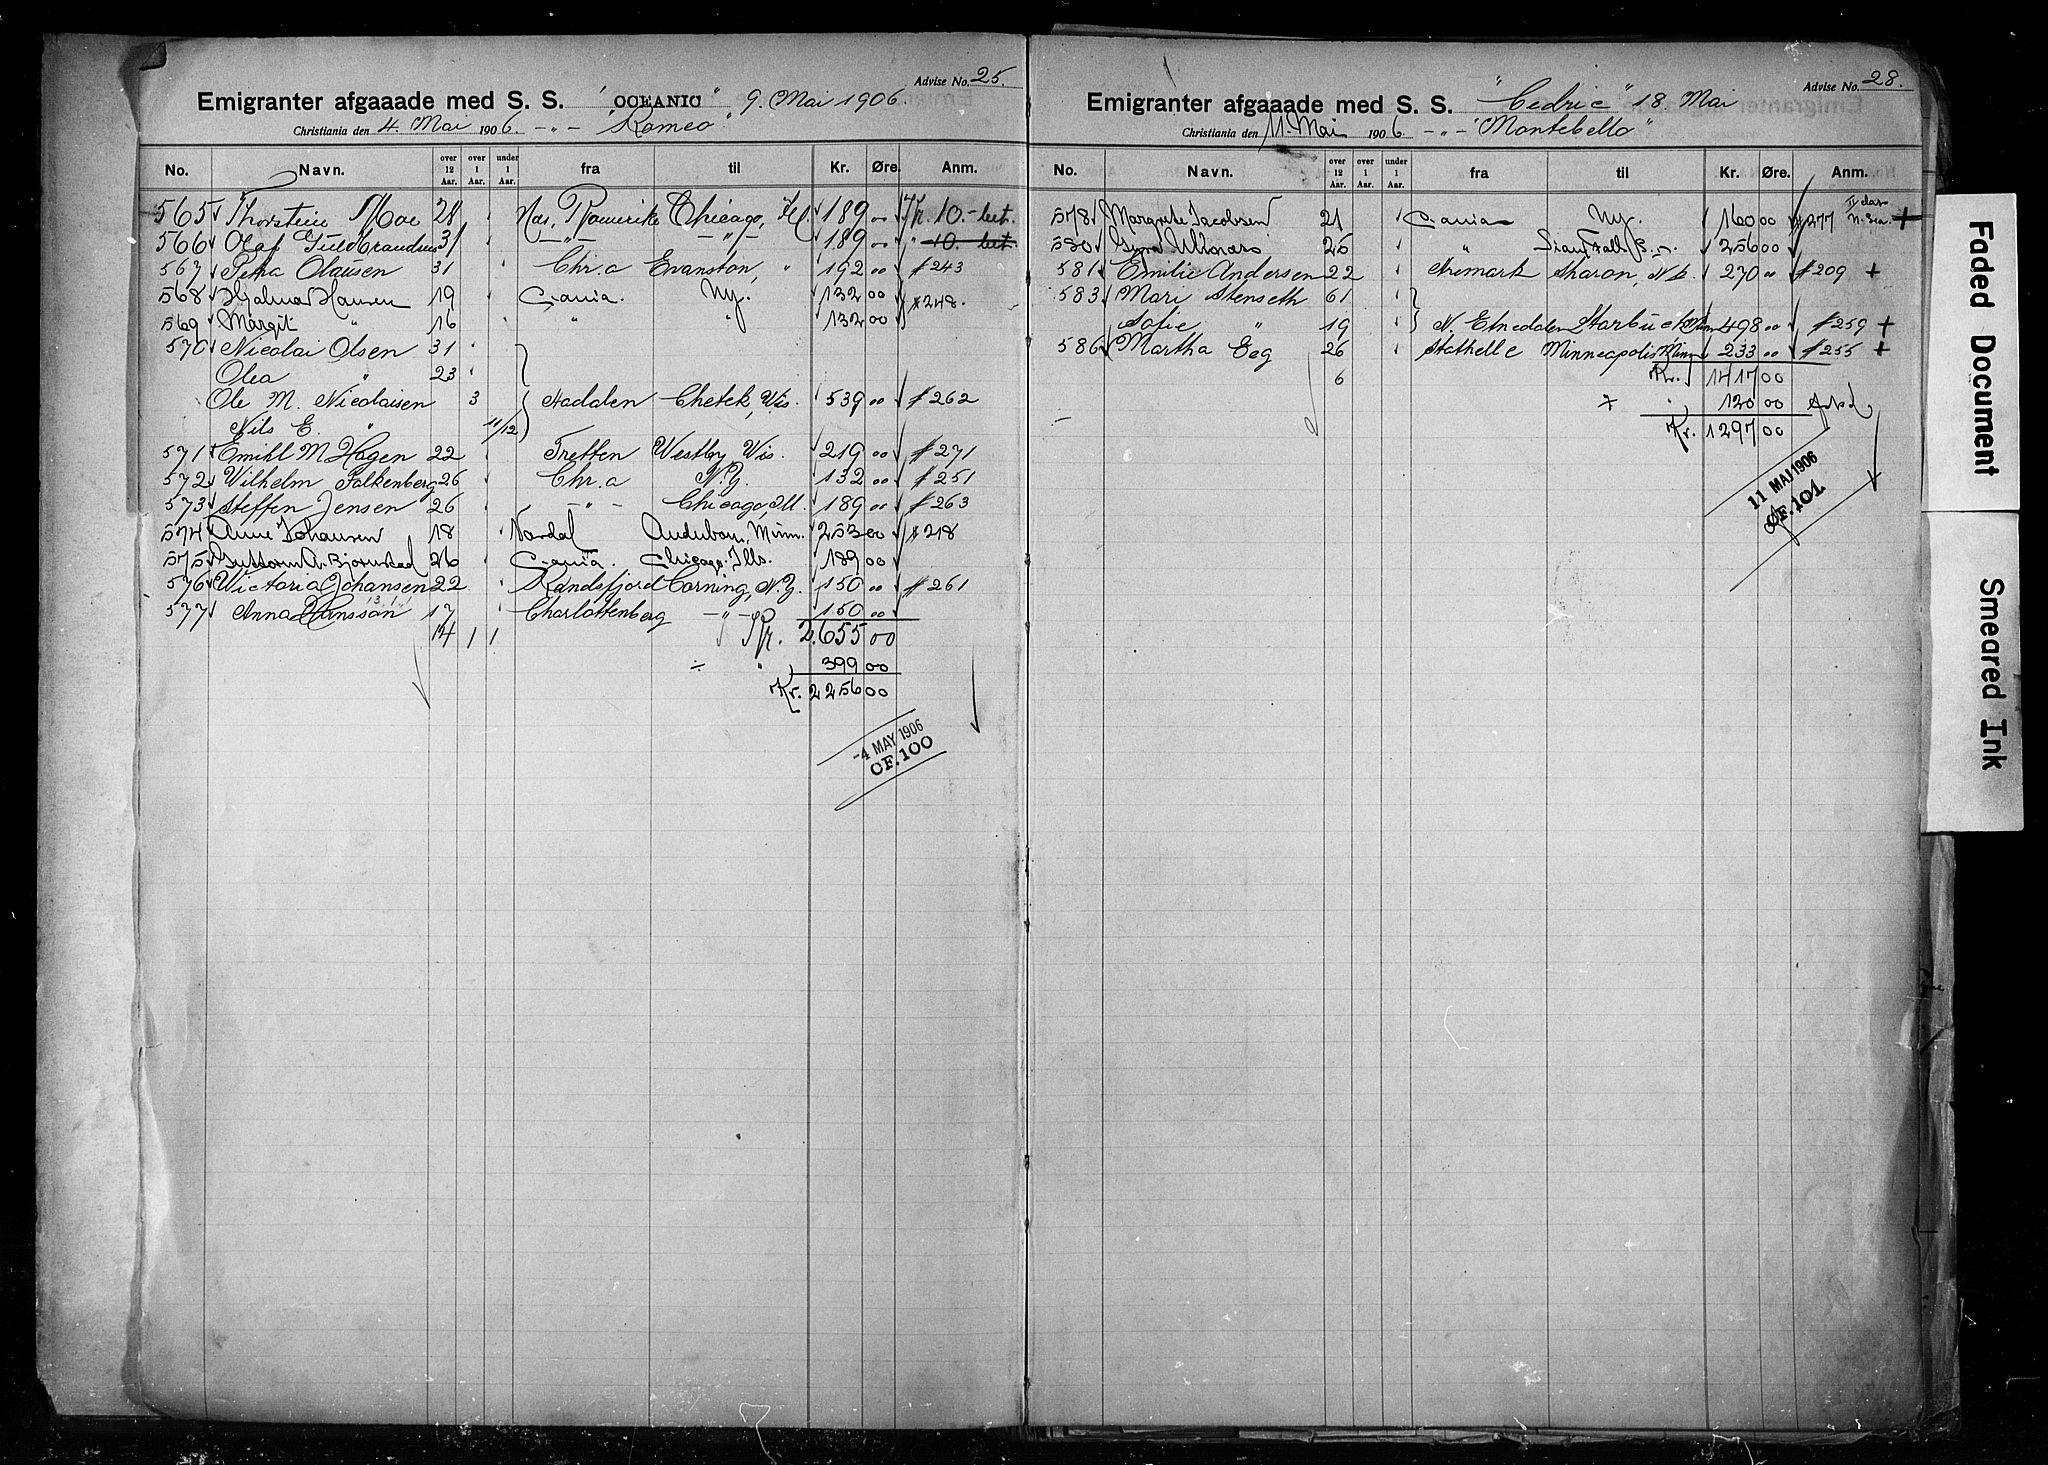 SAO, White Star-linjen, D/Da/L0004: Emigrant, 1906-1915